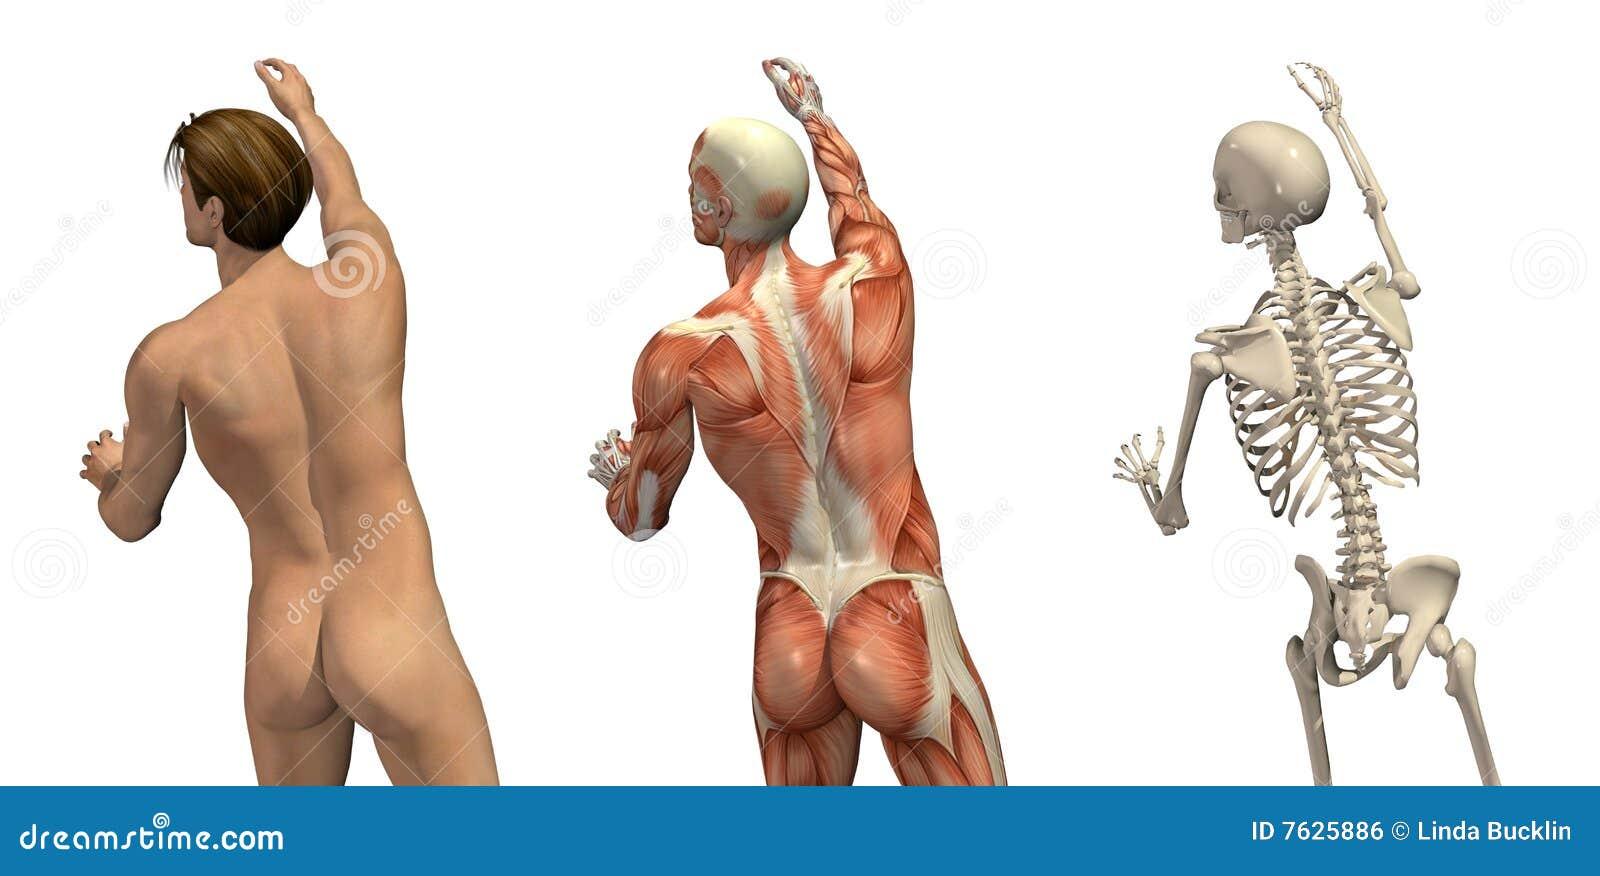 Sovrapposizioni anatomiche - girando e raggiungendo